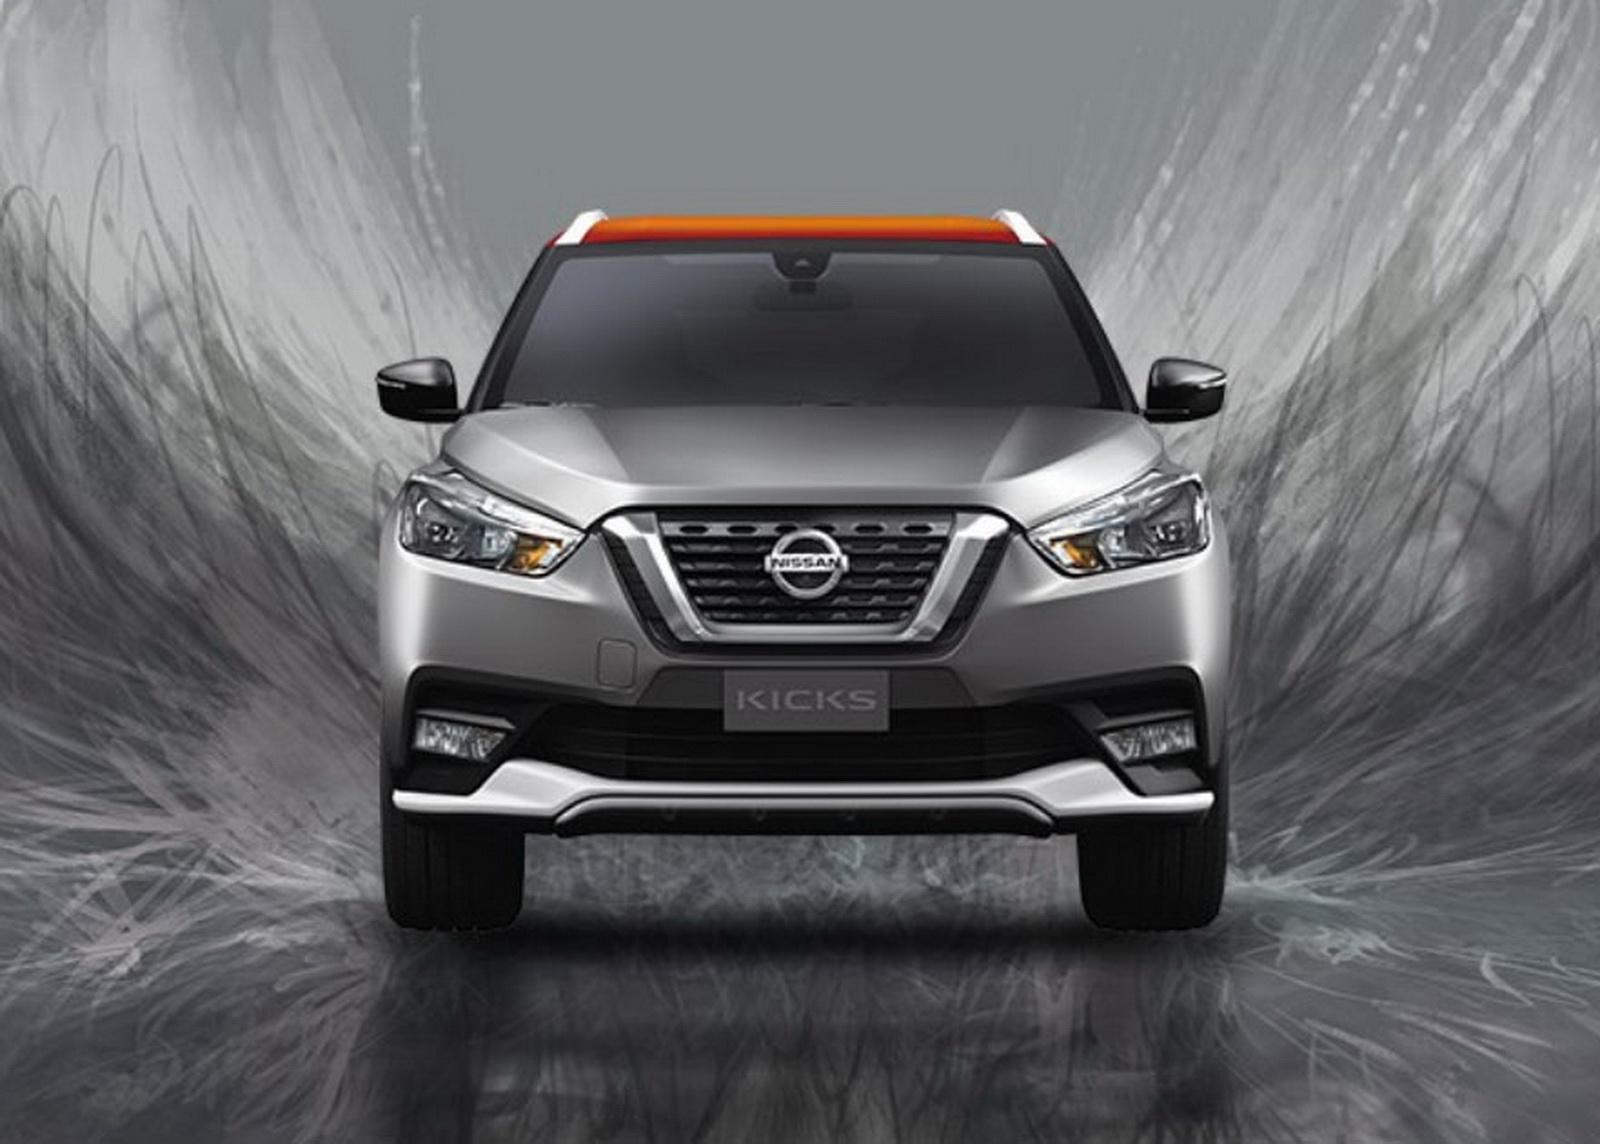 圖/「國產休旅一哥」Nissan Kicks 1.5本月以1,292輛奪下國產休旅/商用車榜單冠軍,比上個月多賣出247輛。